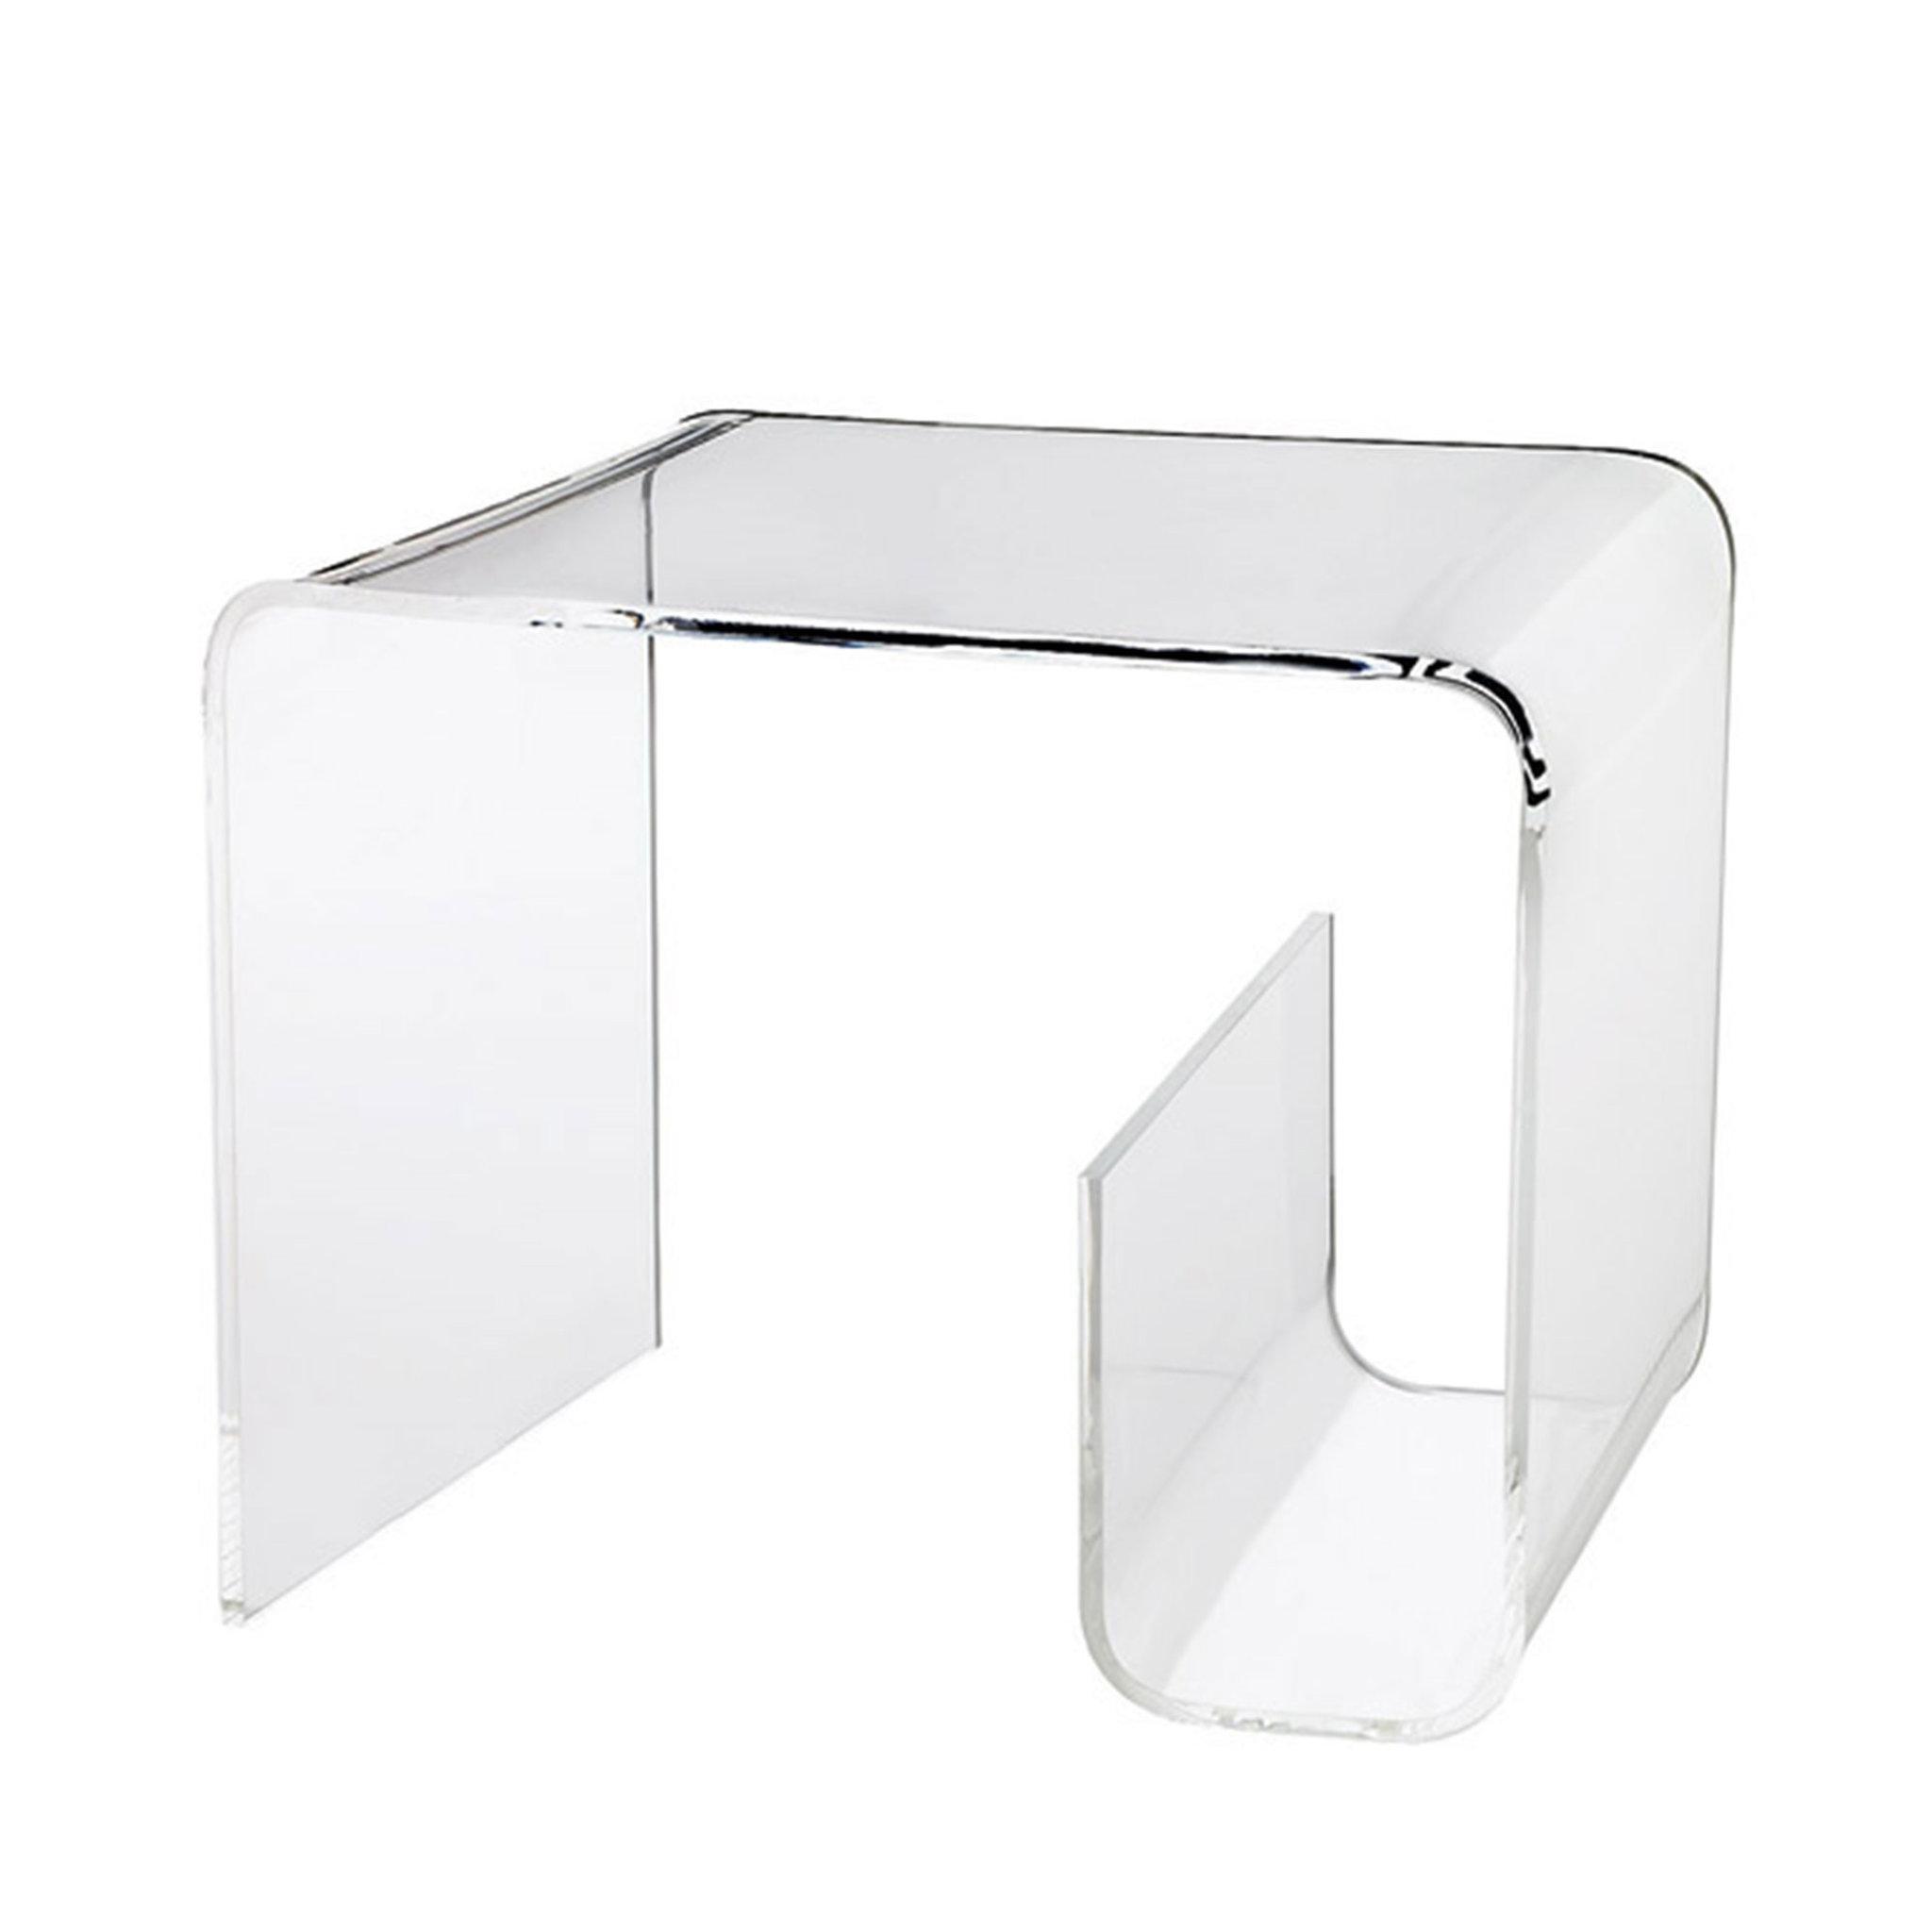 Acrylic Table With Magazine Rack Bord Köp online on ¥hlens